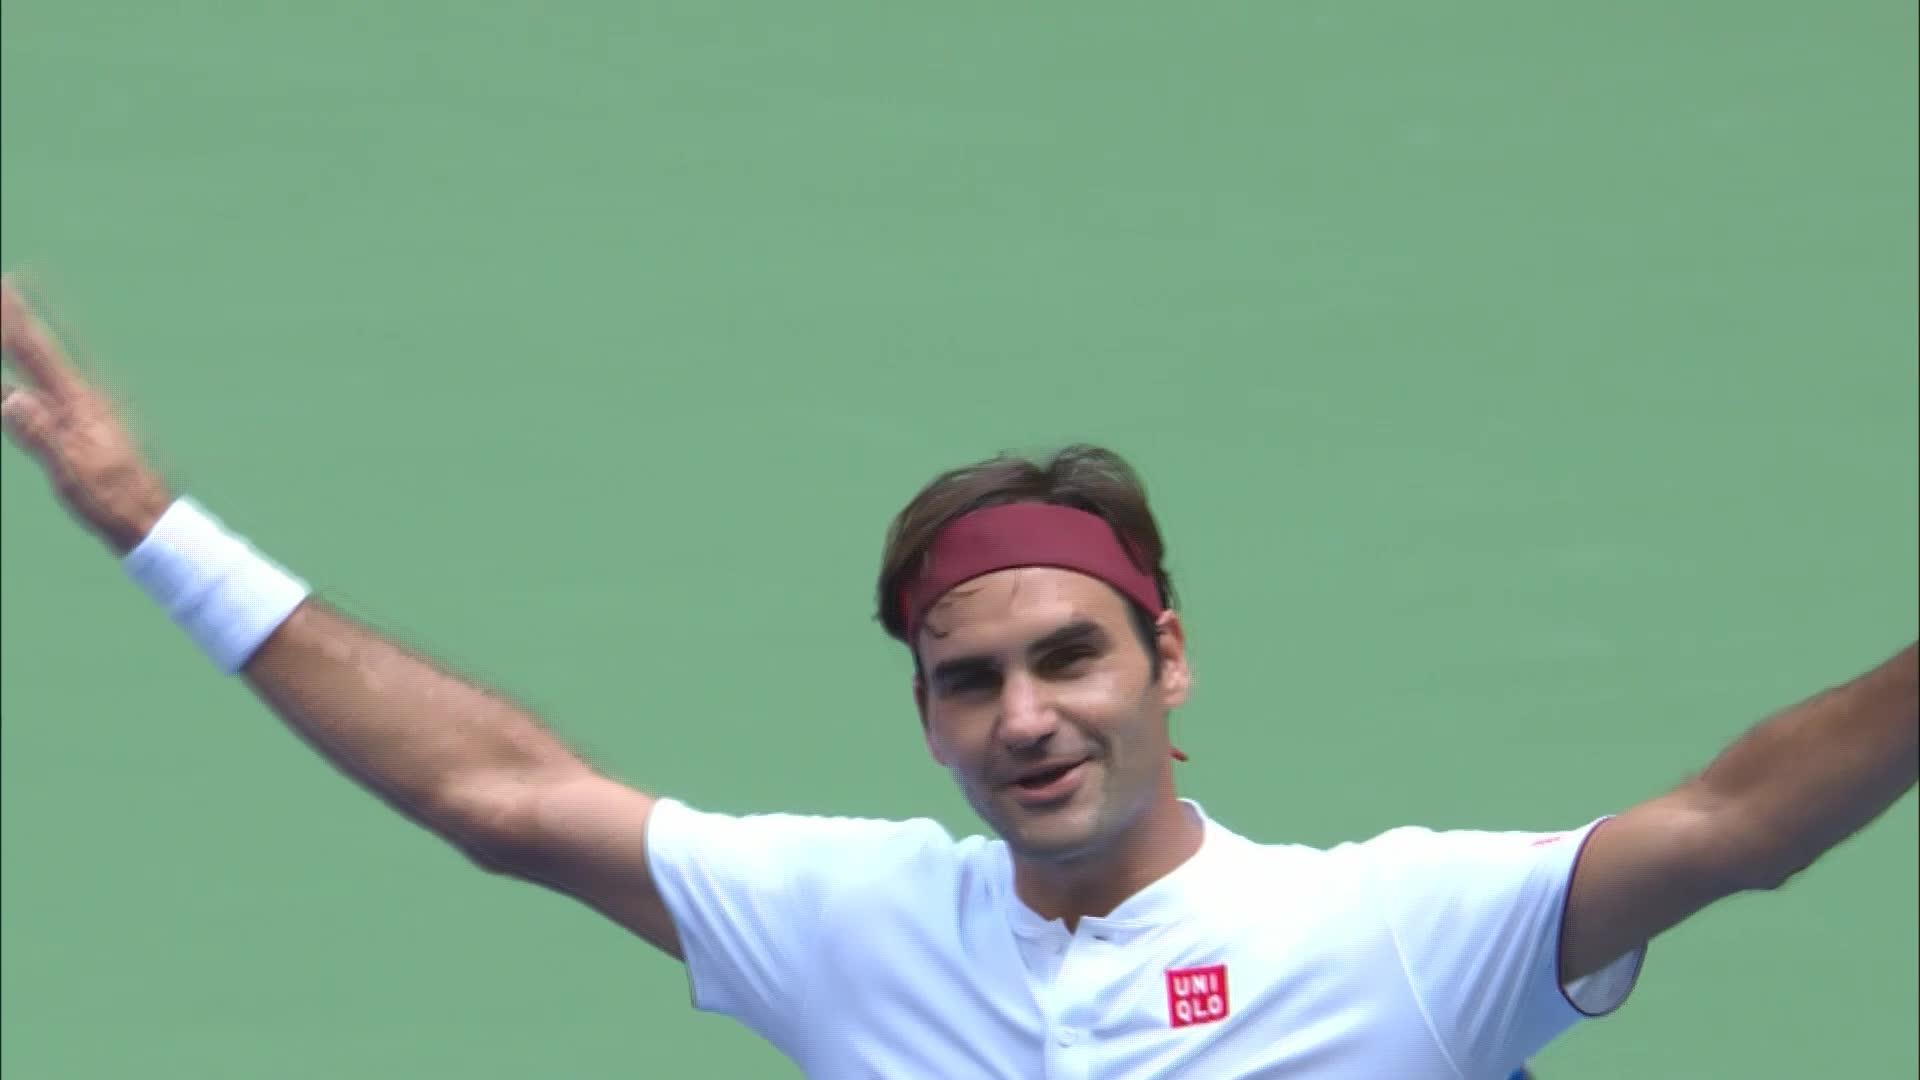 Le point dingue de Roger Federer pour contourner le filet